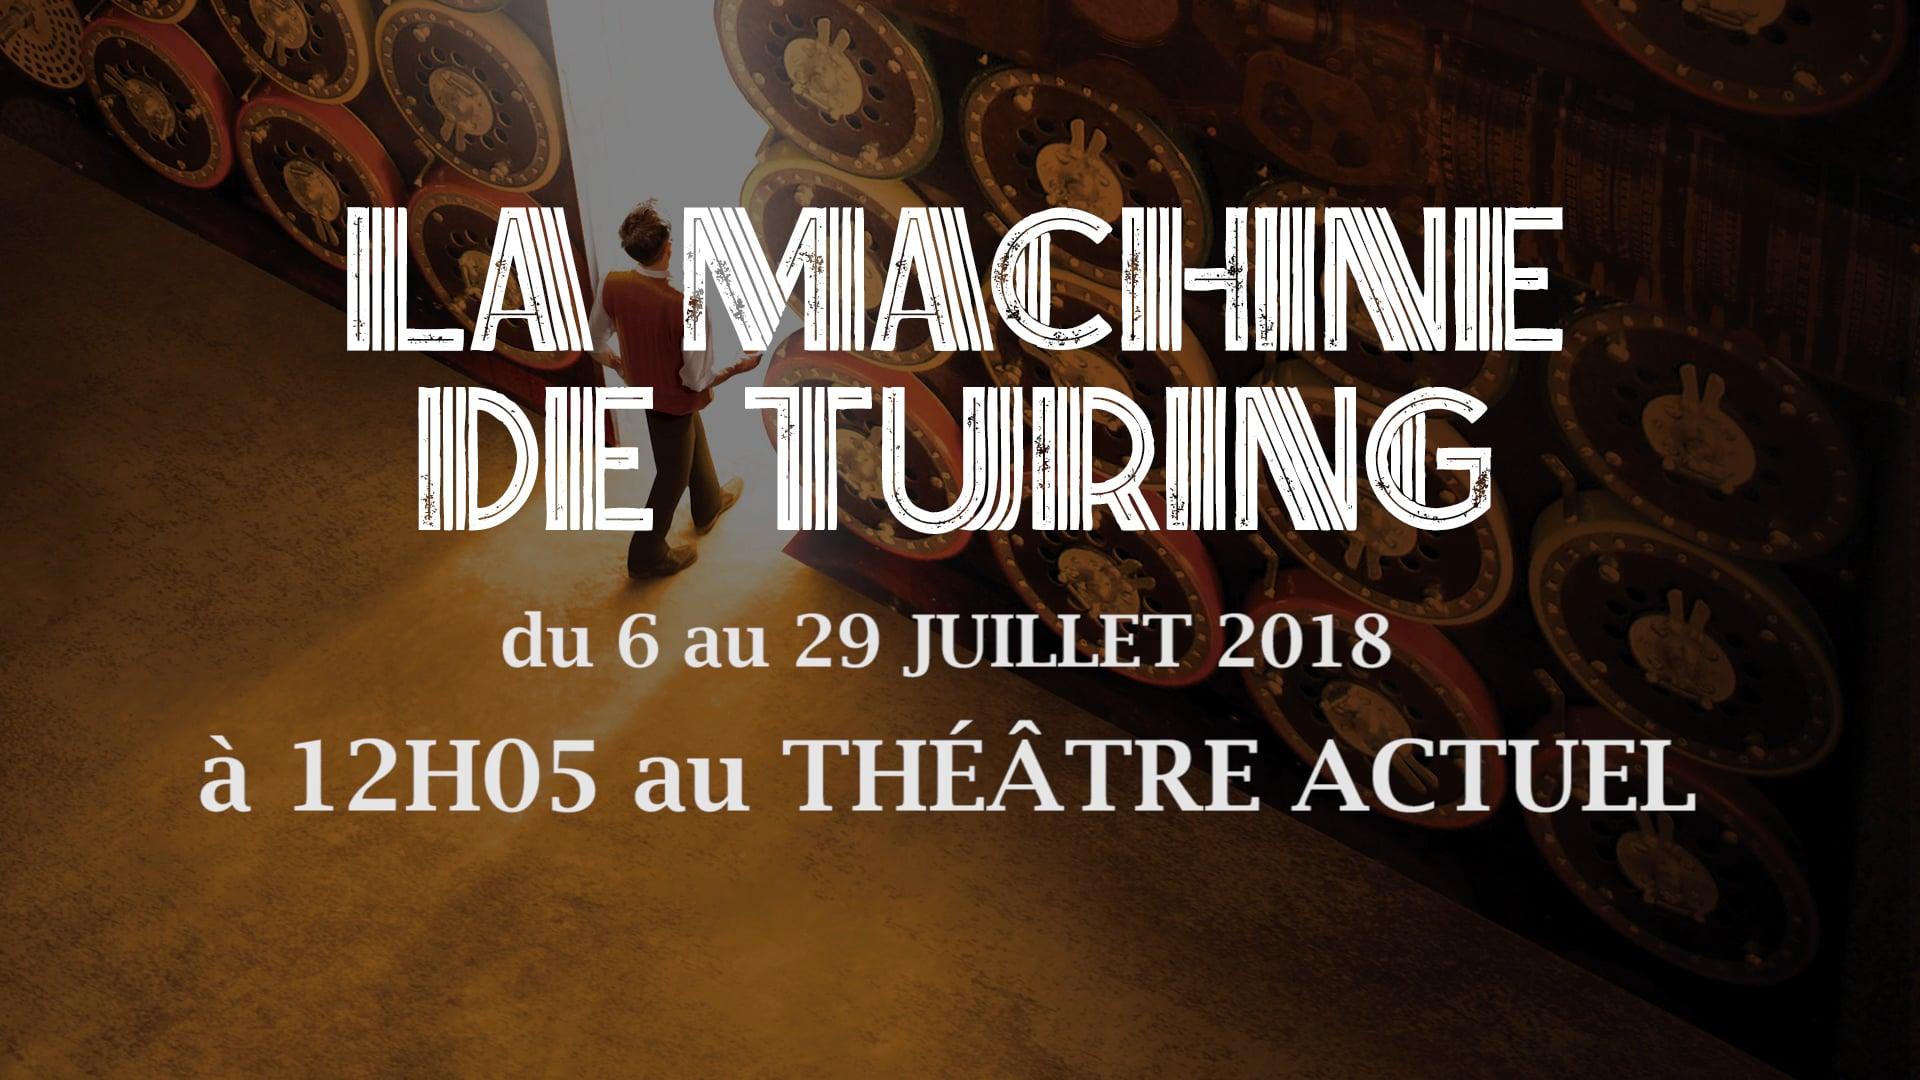 LA MACHINE DE TURING - BANDE ANNONCE AVIGNON